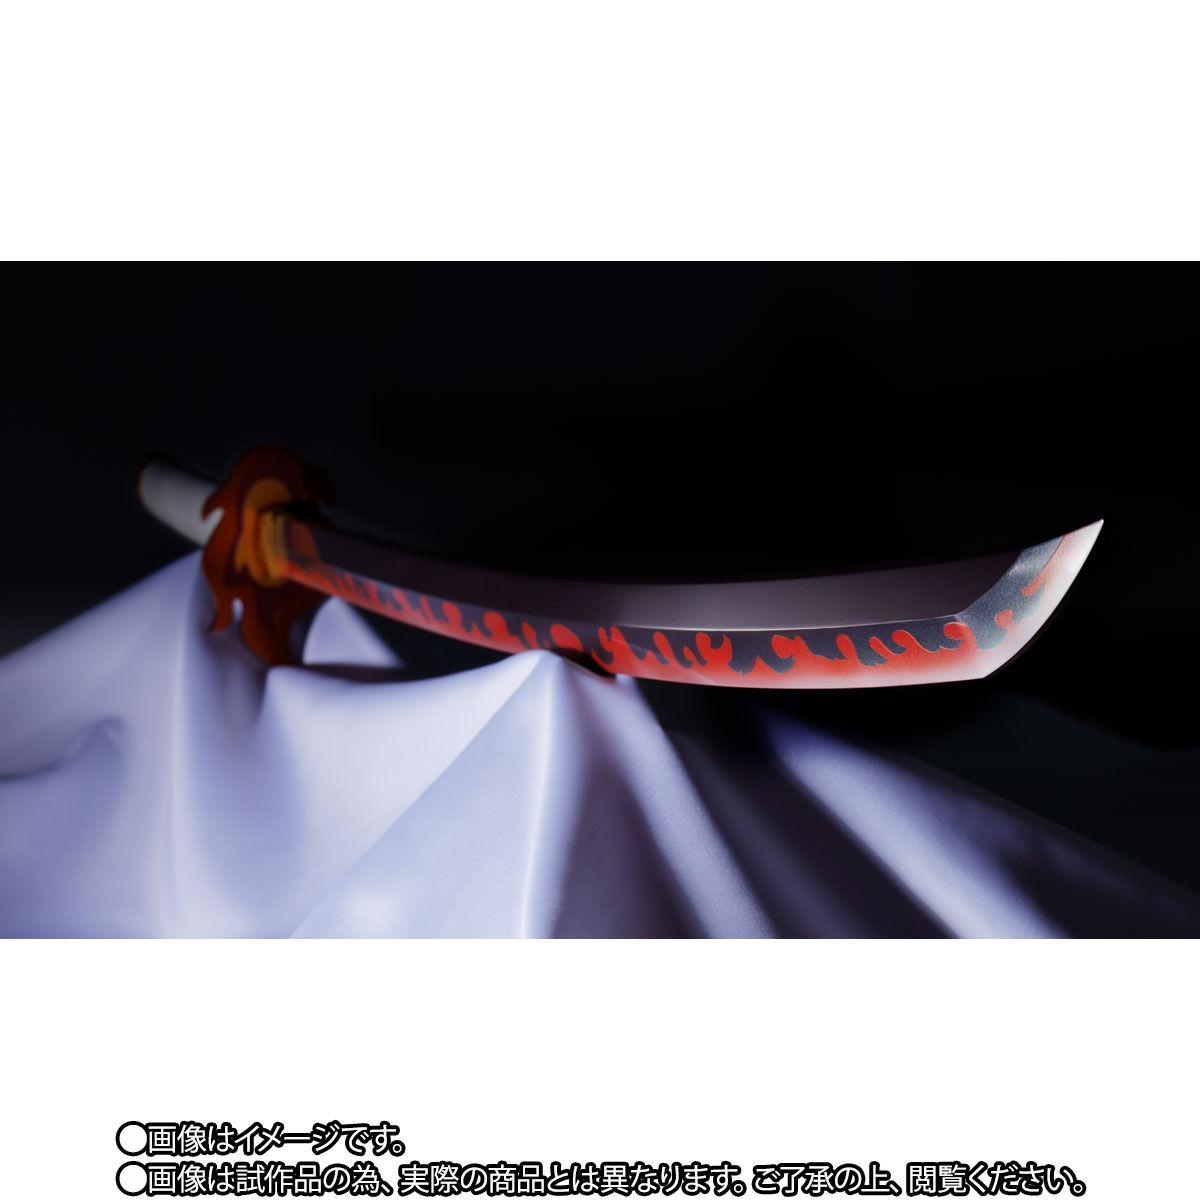 【限定販売】【再販】PROPLICA プロップリカ『日輪刀(煉獄杏寿郎)』鬼滅の刃 変身なりきり-006